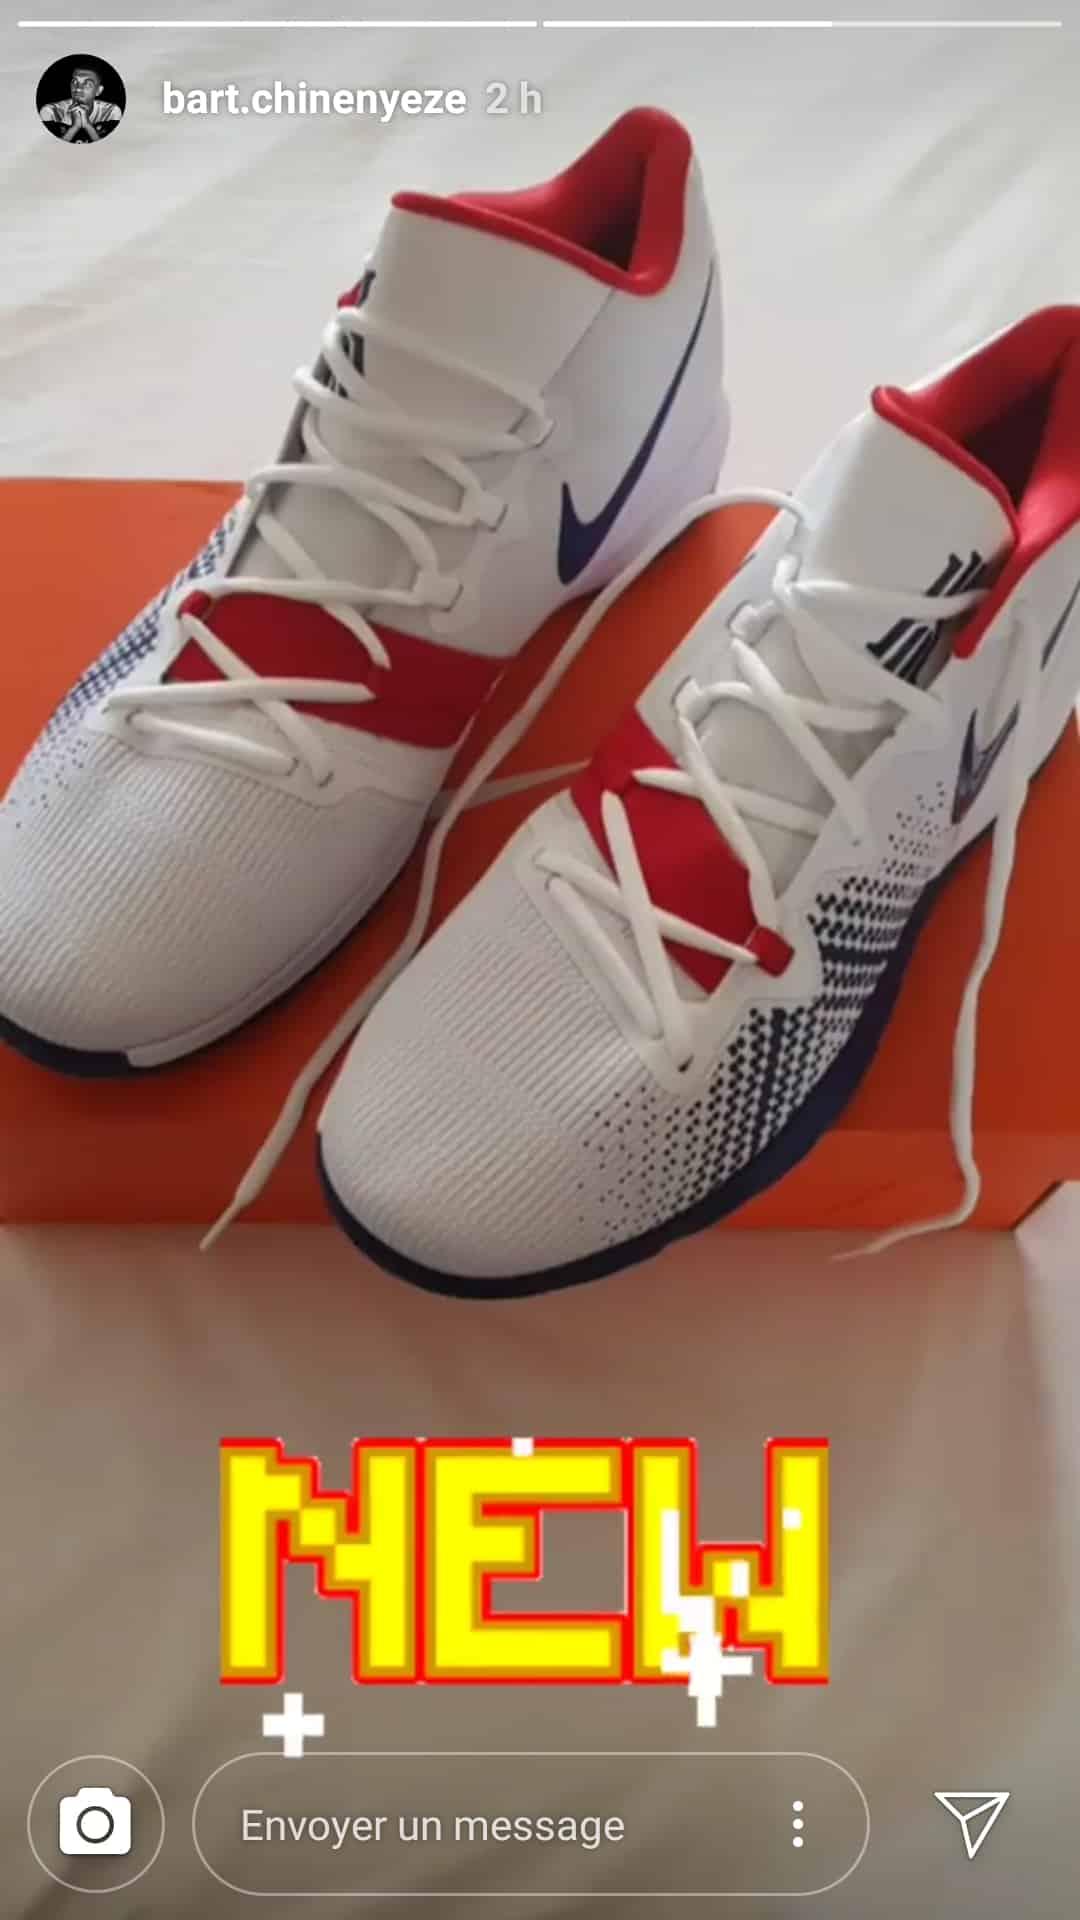 Les nouvelles Nike Kyrie Flytrap de Barthélémy Chinenyeze